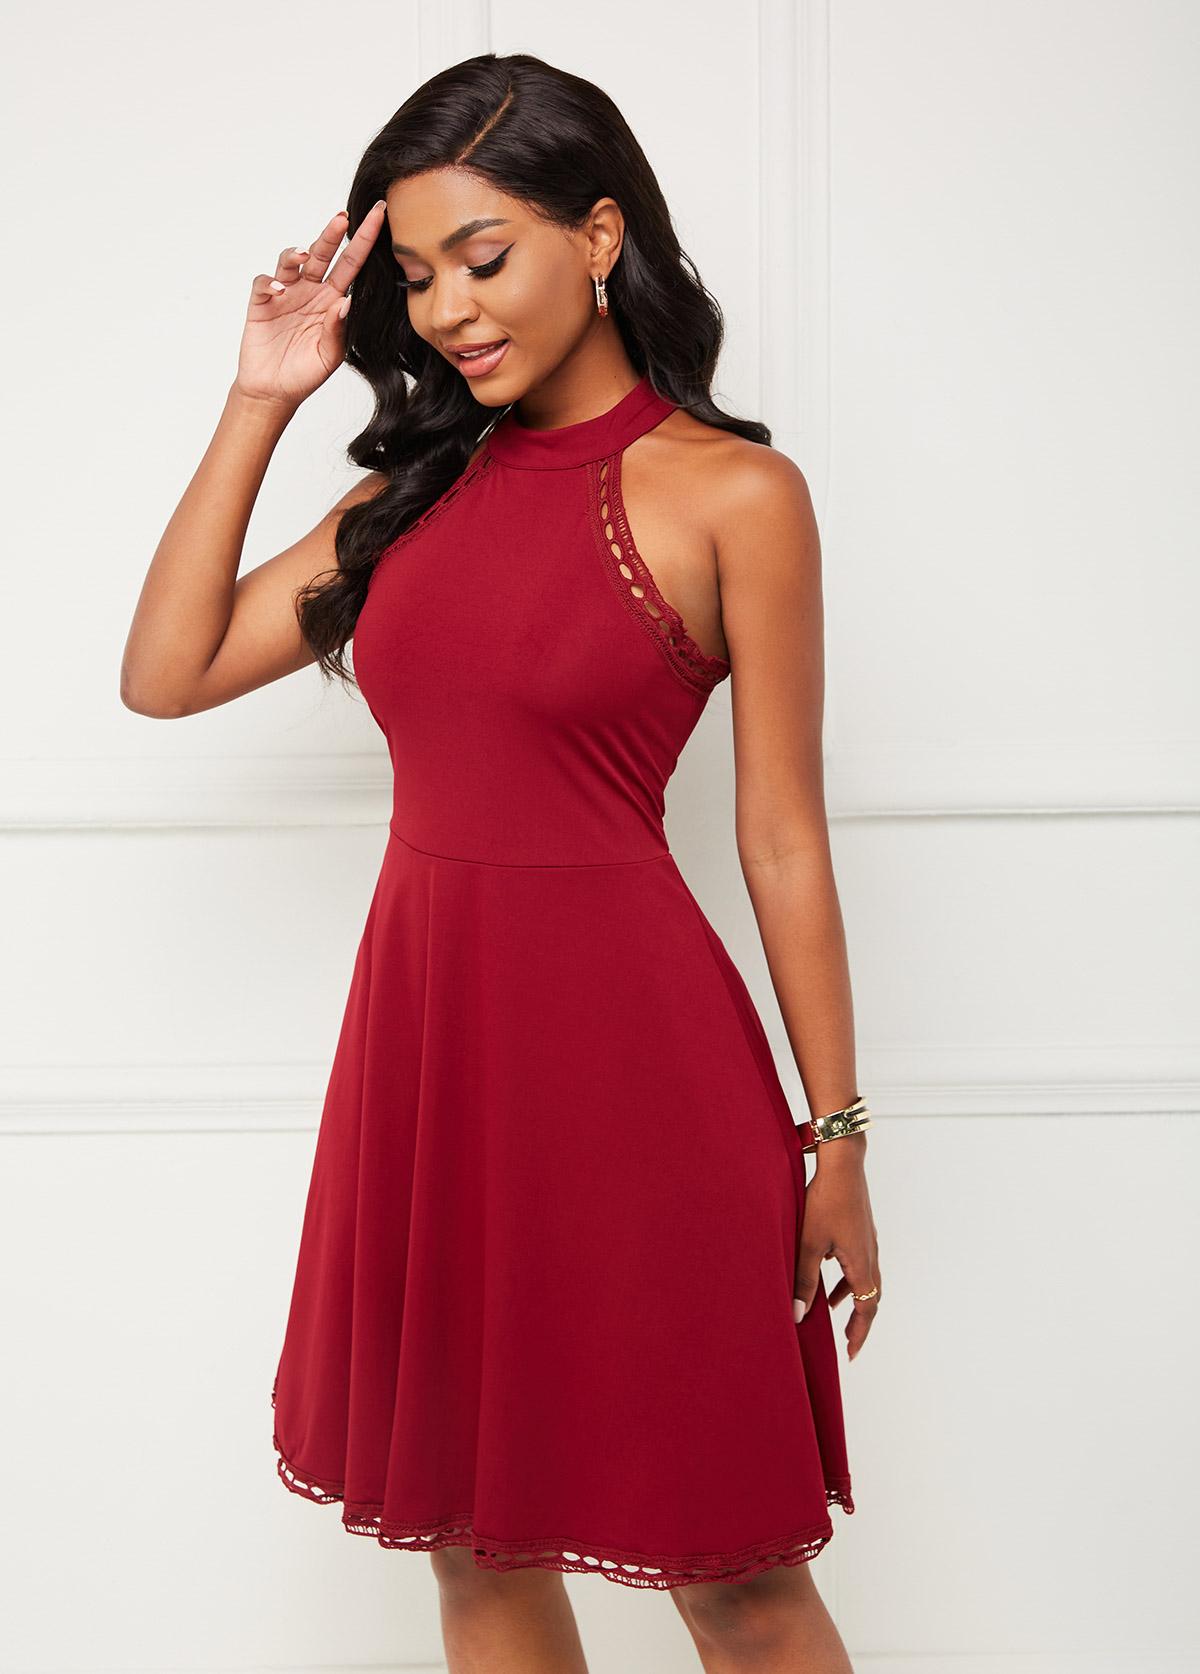 Sleeveless Bib Neck Lace Stitching Dress